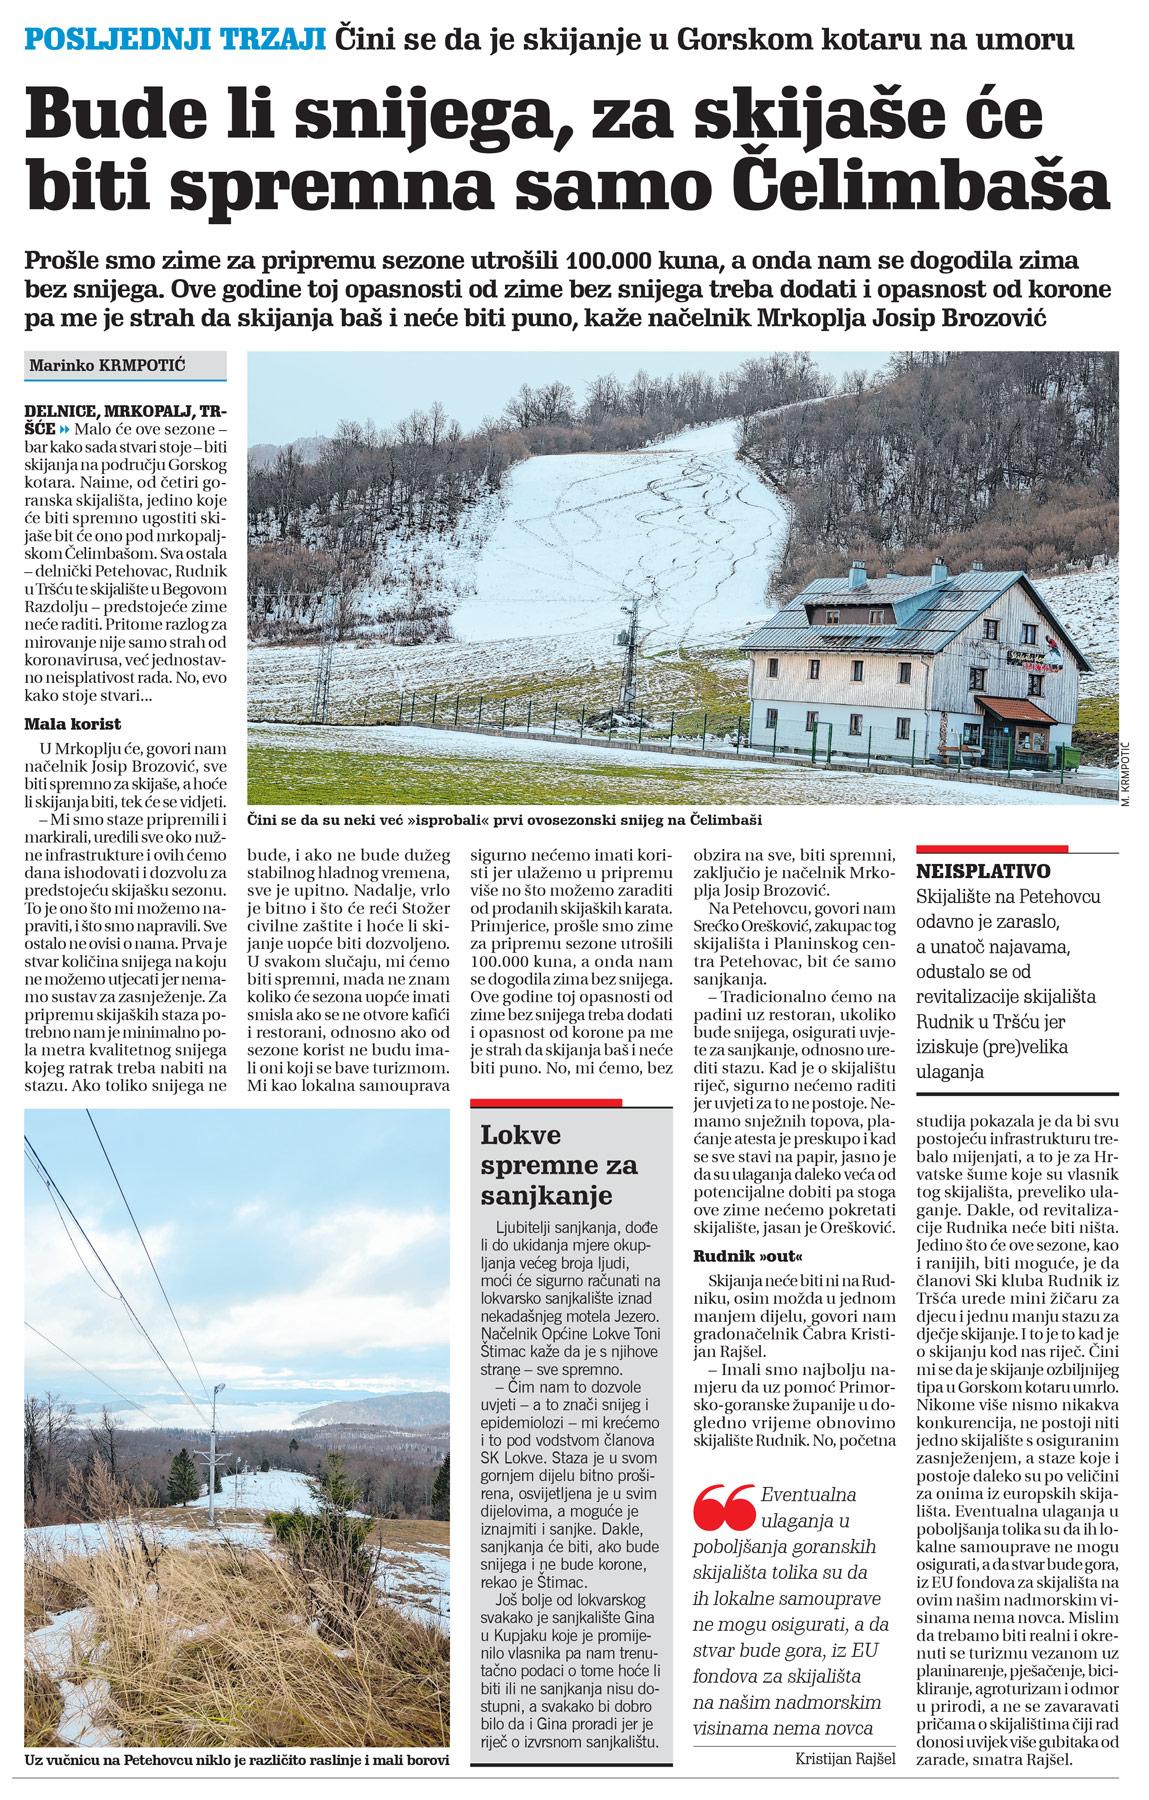 clanak, novi list, skijanje u gorskom kotaru